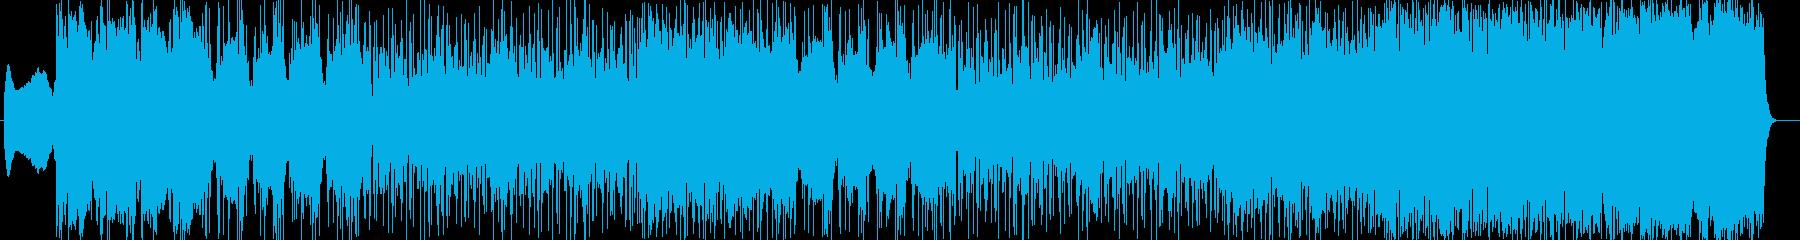 壮大かつ雄大なポップソングの再生済みの波形